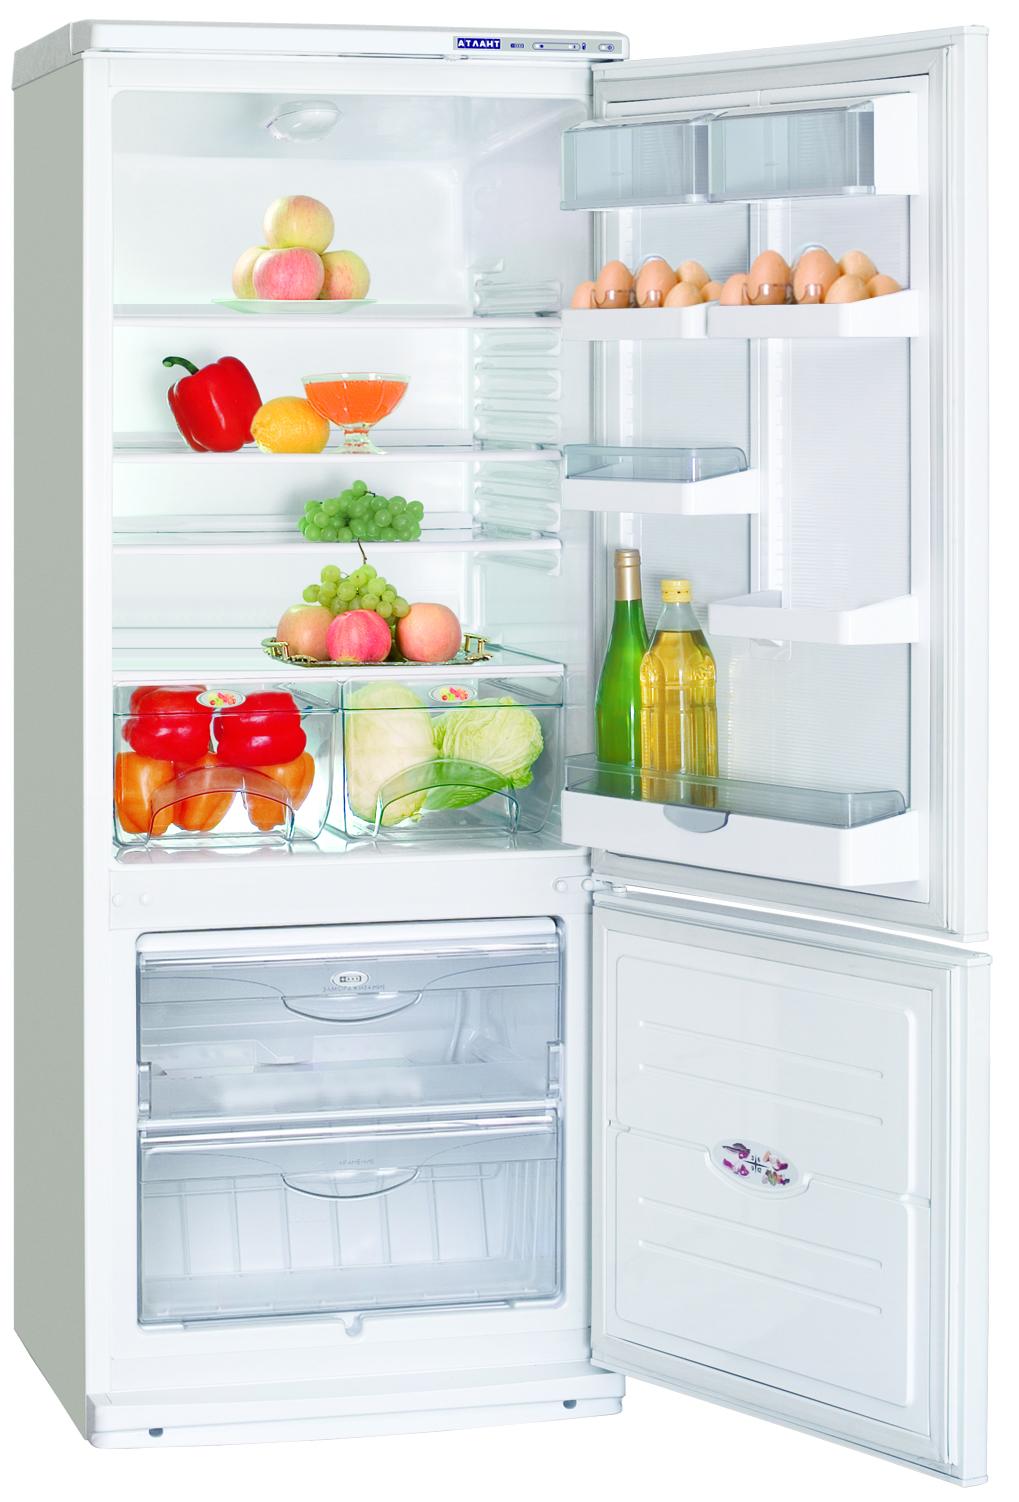 Обзор холодильников атлант_талантливая техника из белоруссии - капельный холодильник